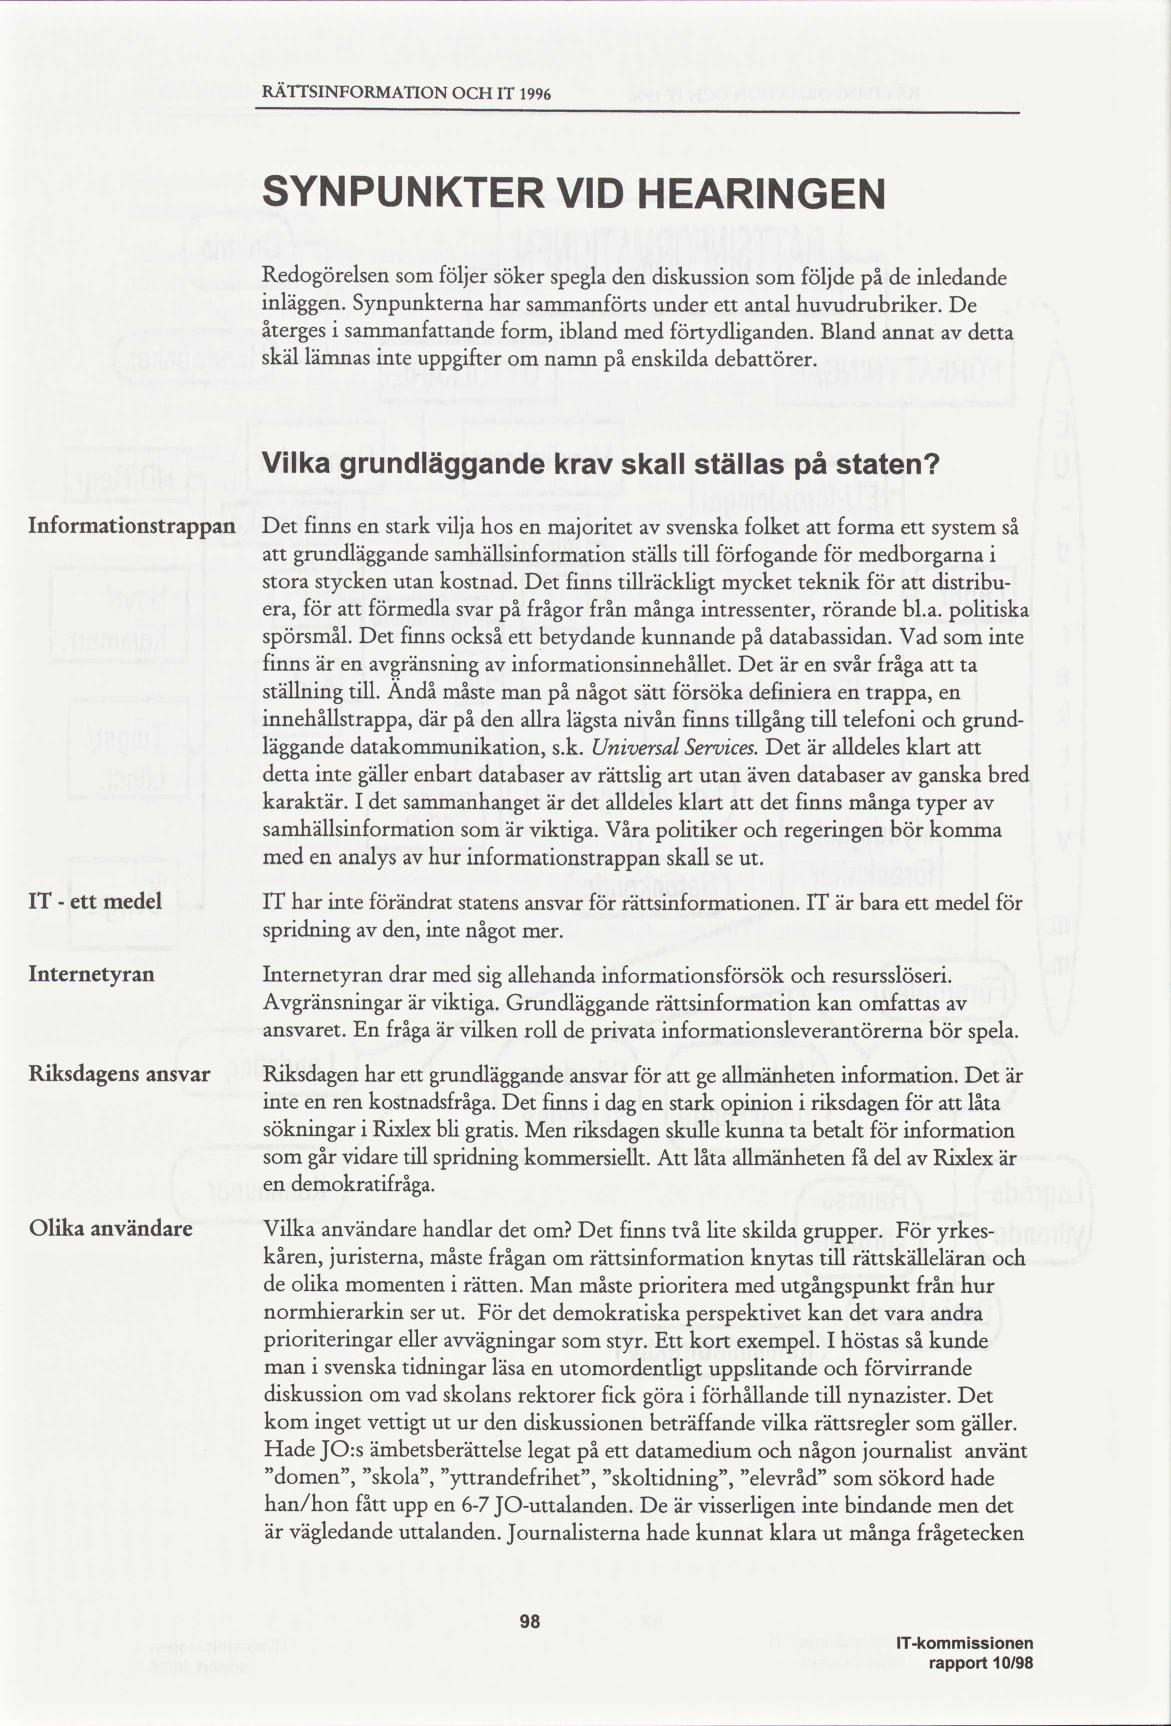 Namn och nytt idag 1996 10 12